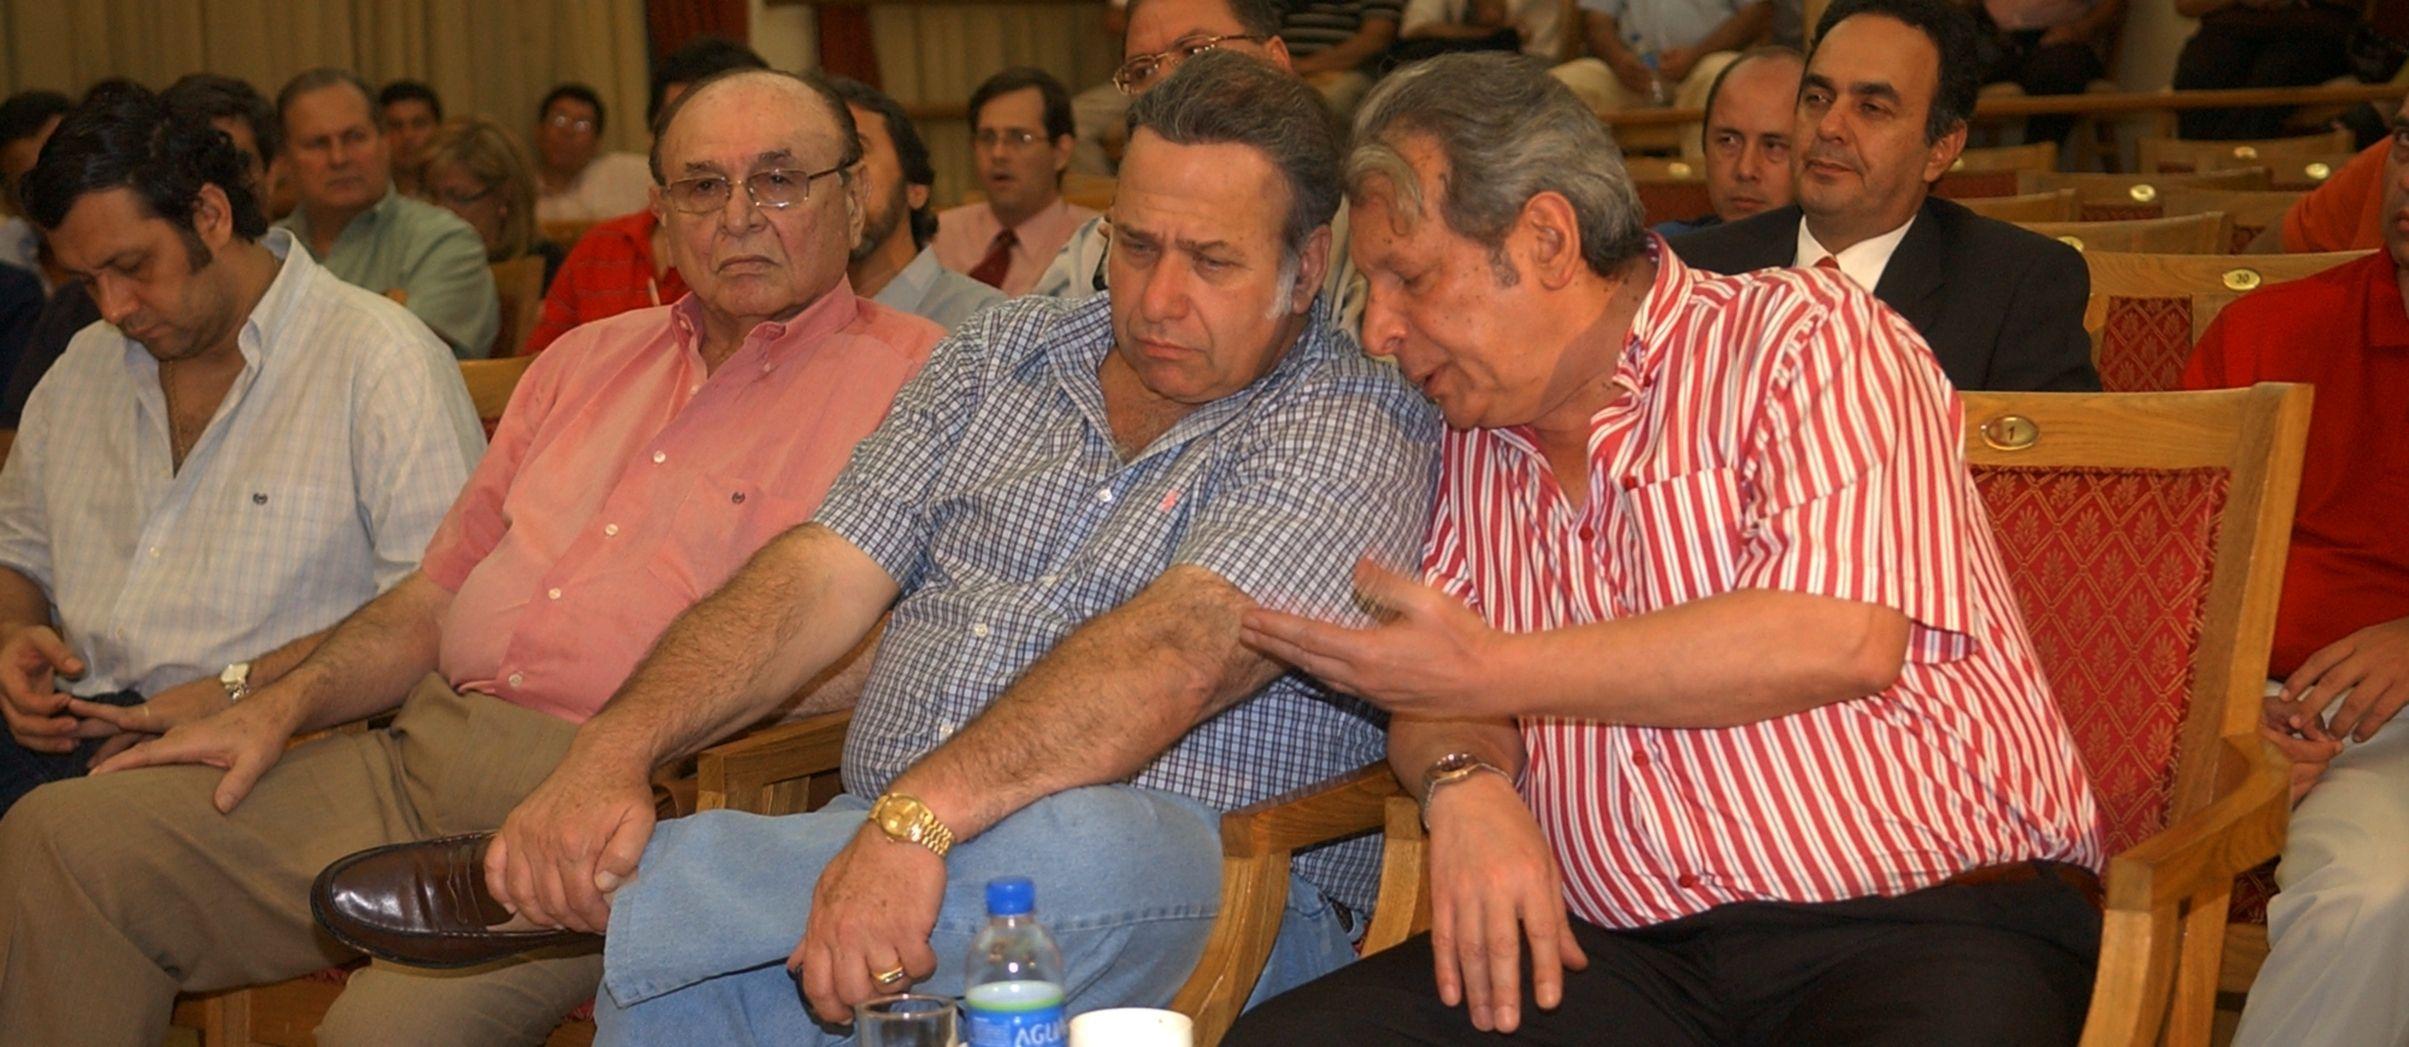 Ascenso y caída de OGD, símbolo de la corrupción política nacional